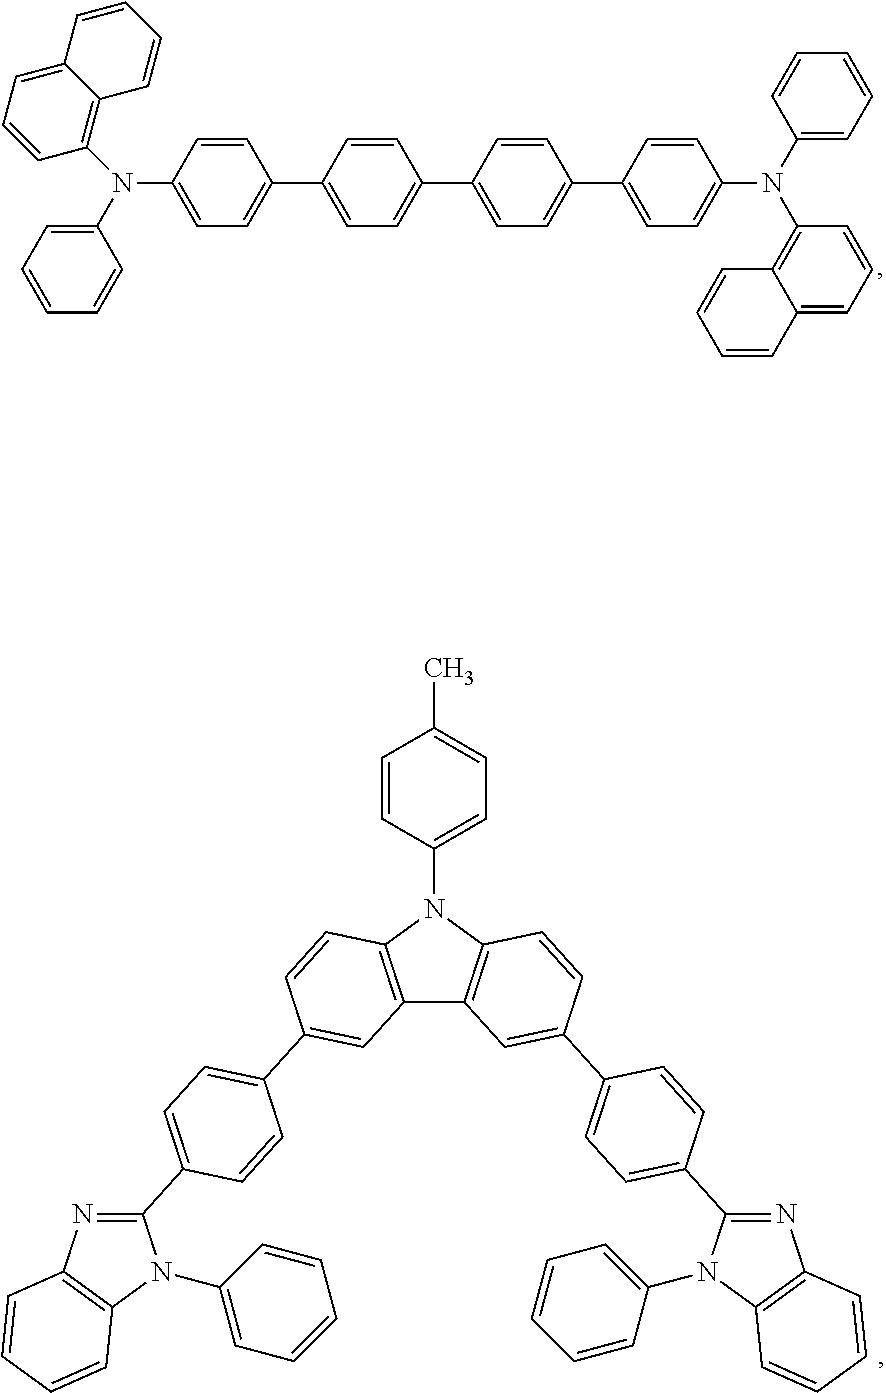 Figure US09853220-20171226-C00014